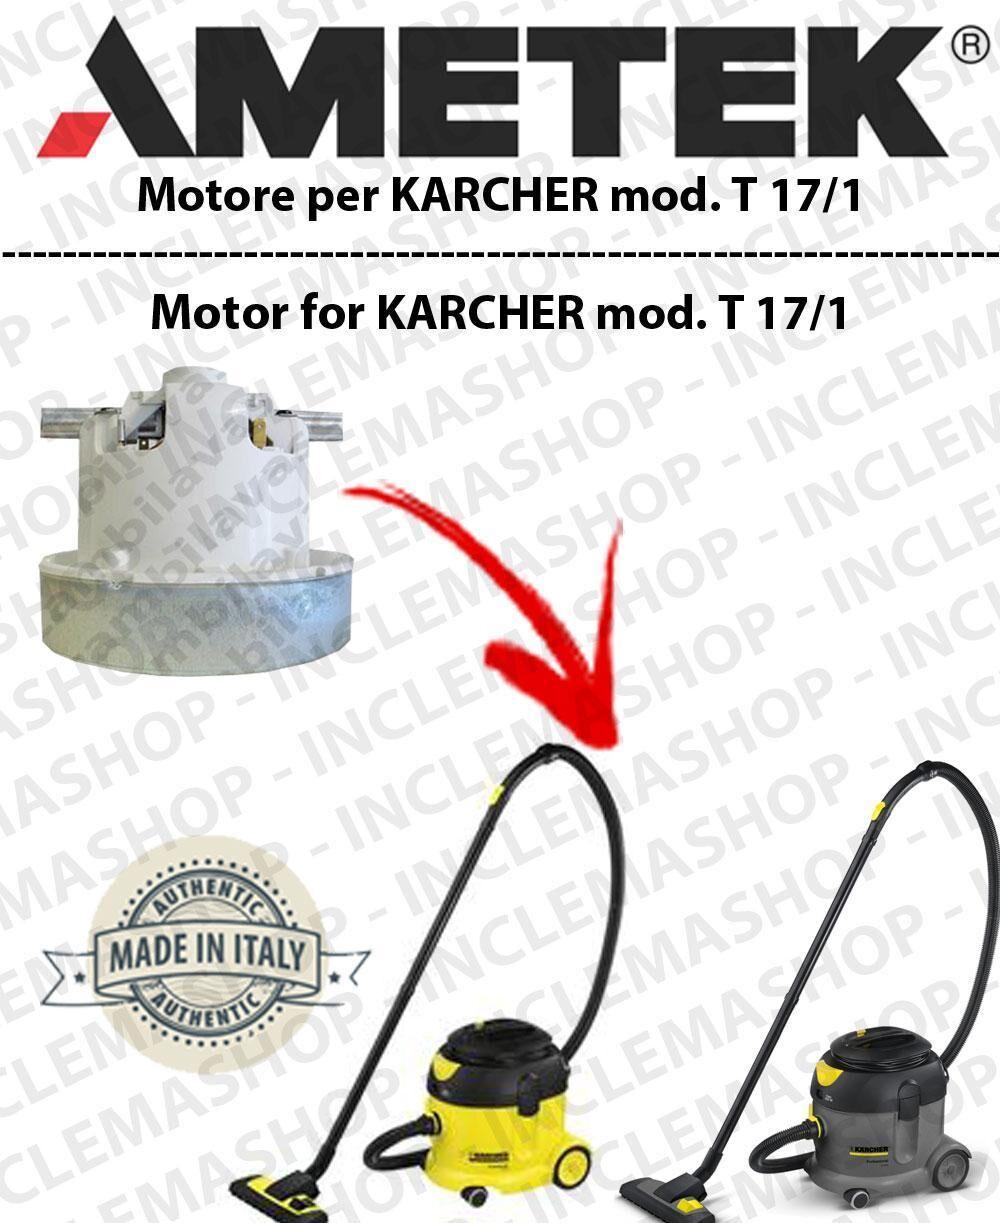 Karcher T 17/1 MOTORE AMETEK di aspirazione per aspirapolvere